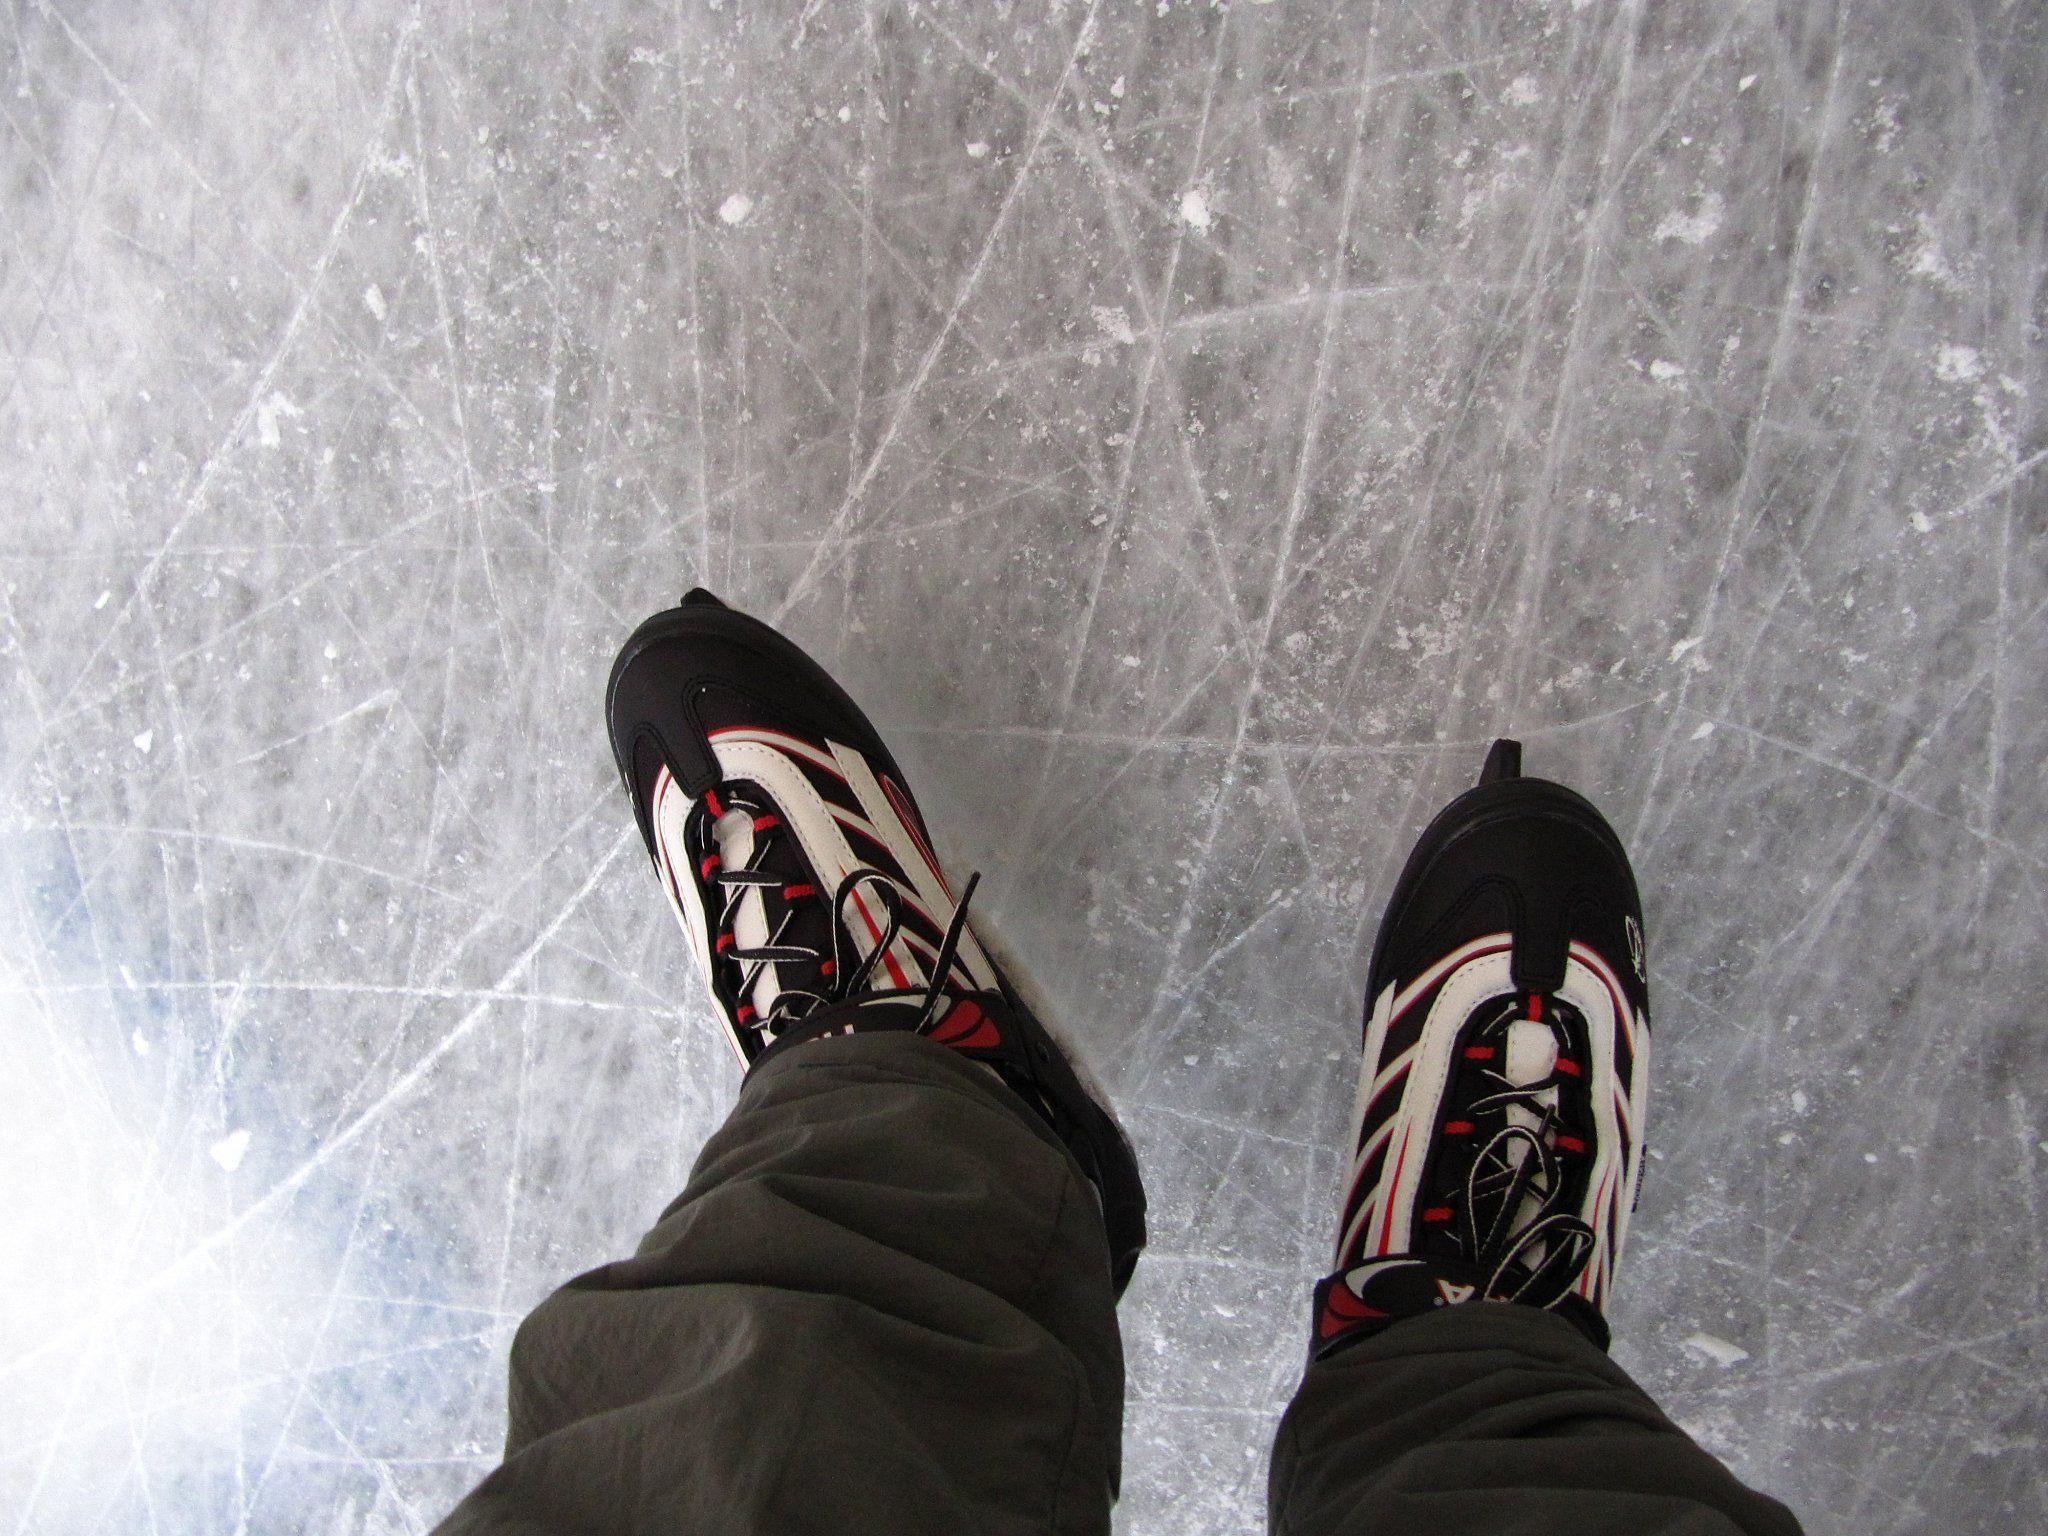 Eislaufen im Sommer: Heuer in der Wiener Stadthalle!